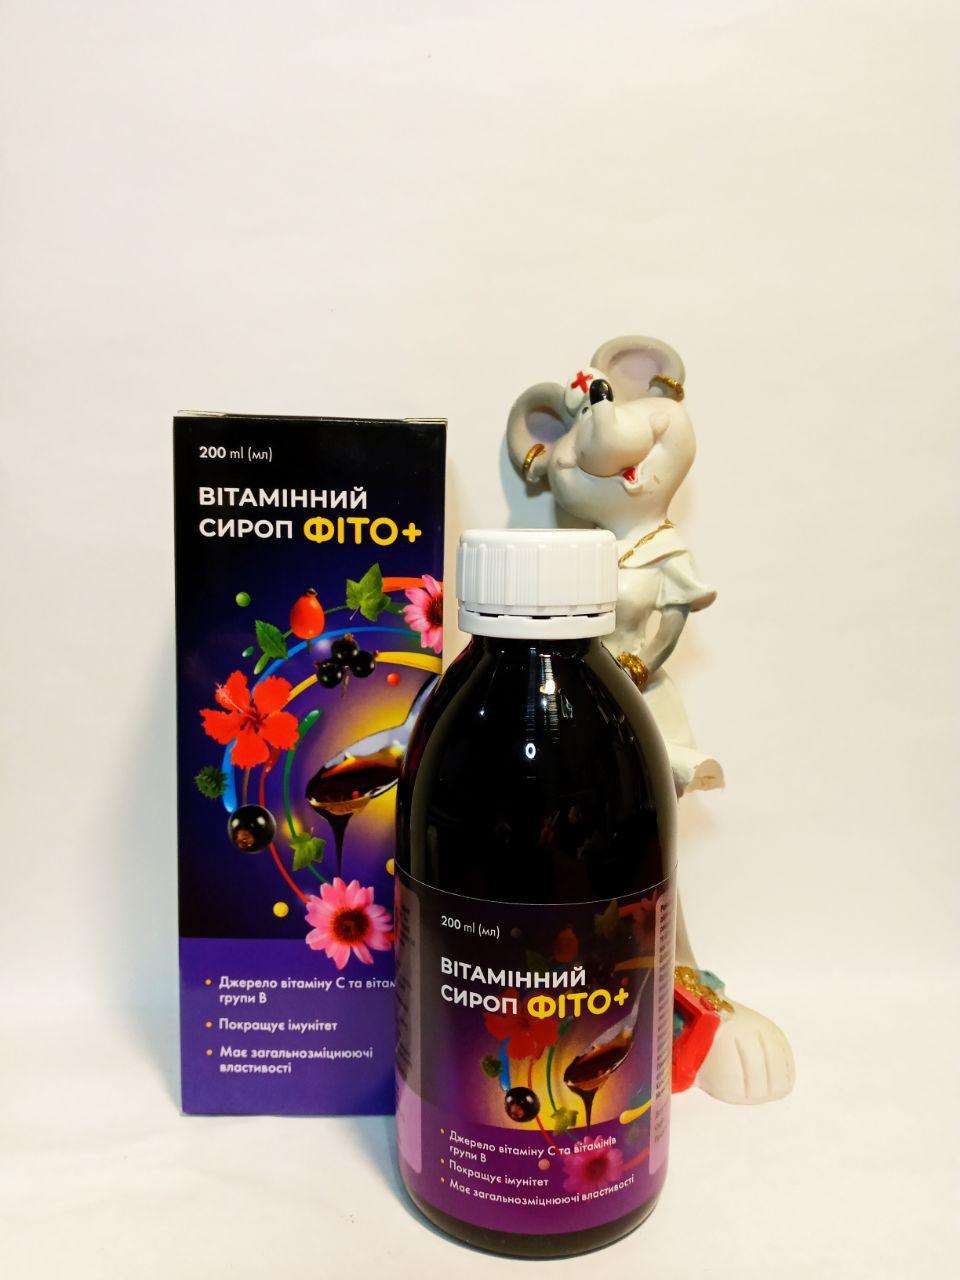 витаминный фитосироп с насыщенным растительным витамином С и поддержание иммунитета из плодов шиповника, эхинацеи, бузины и суданской розы